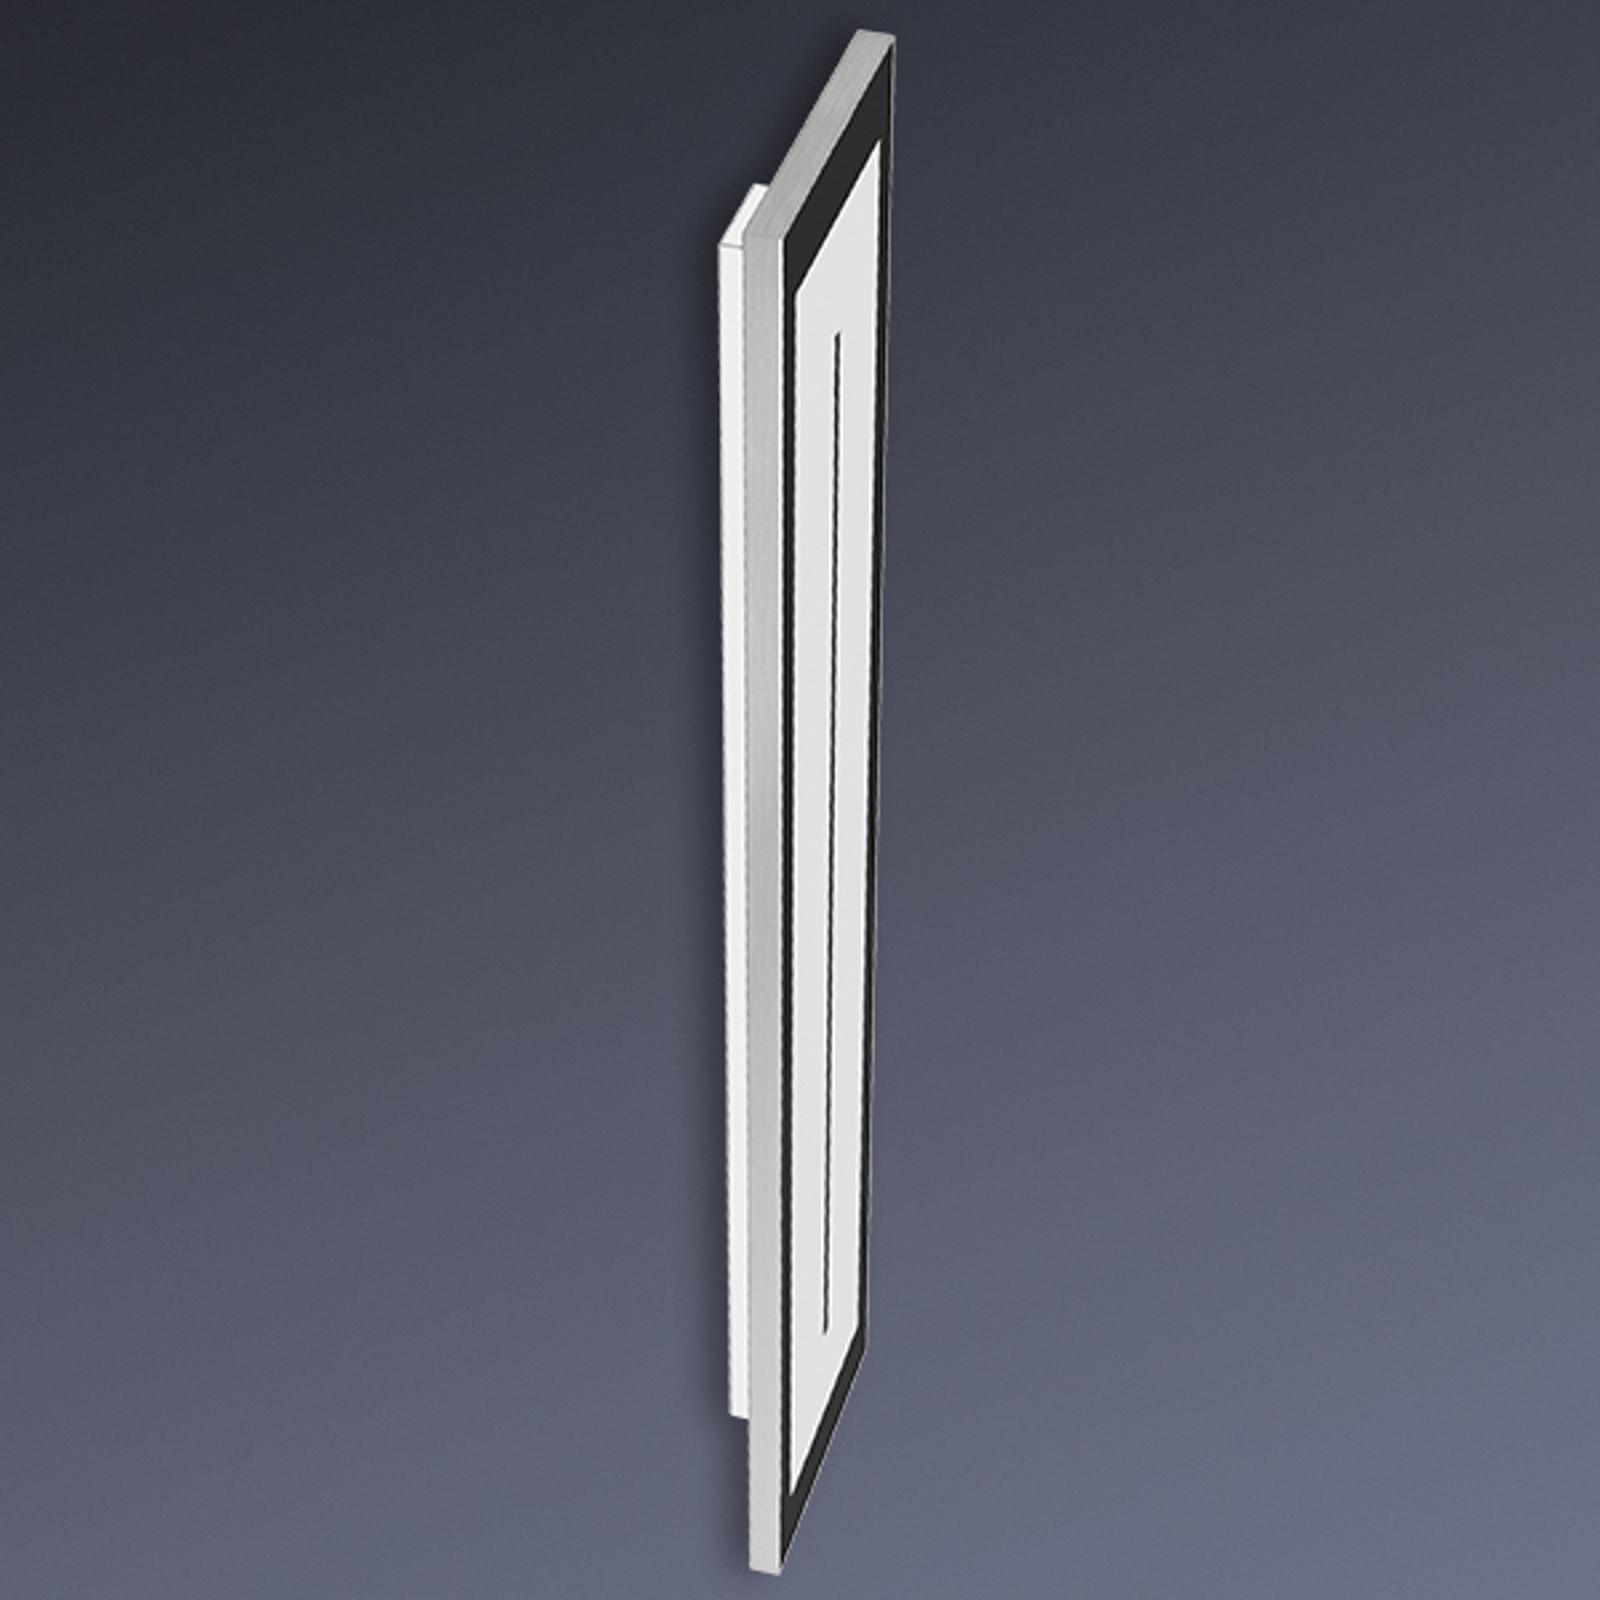 60 cm hoog - LED-wandlamp Zen